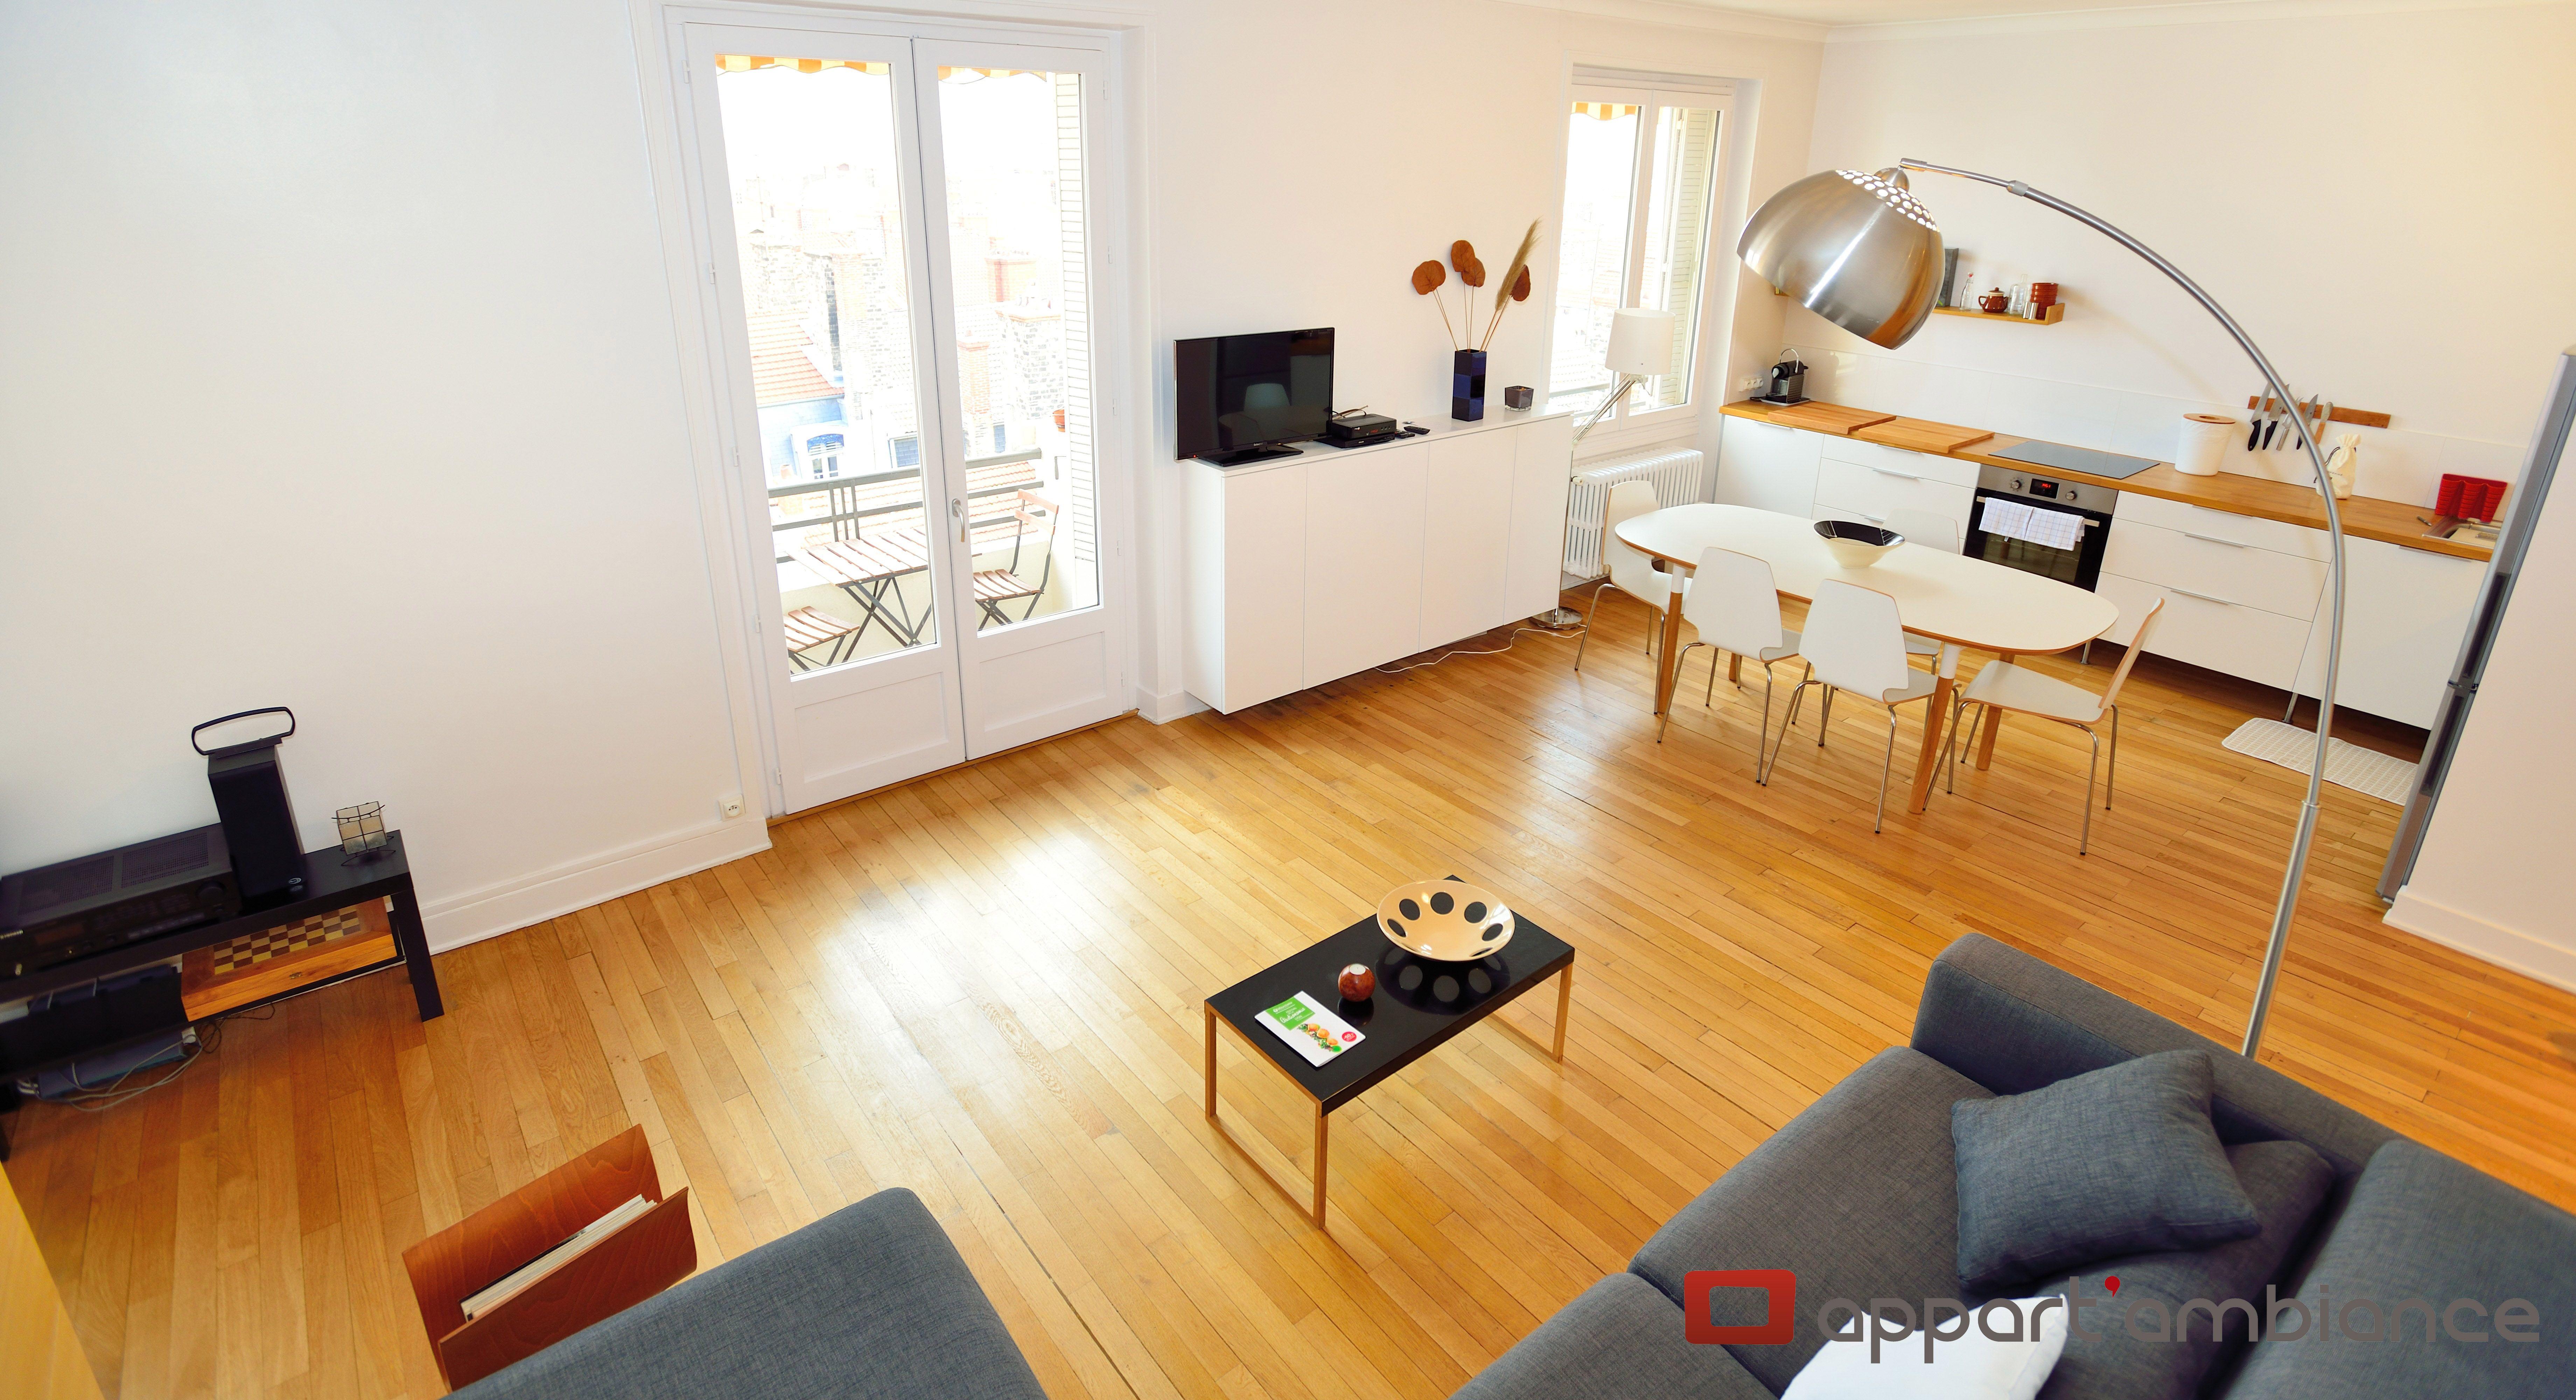 Decouvrez Ce Tres Bel Appartement En Location Courte Duree Situe En Plein Cœur De Lyon Avec Deux Chambres Appartement Meuble Appartement Location Appartement